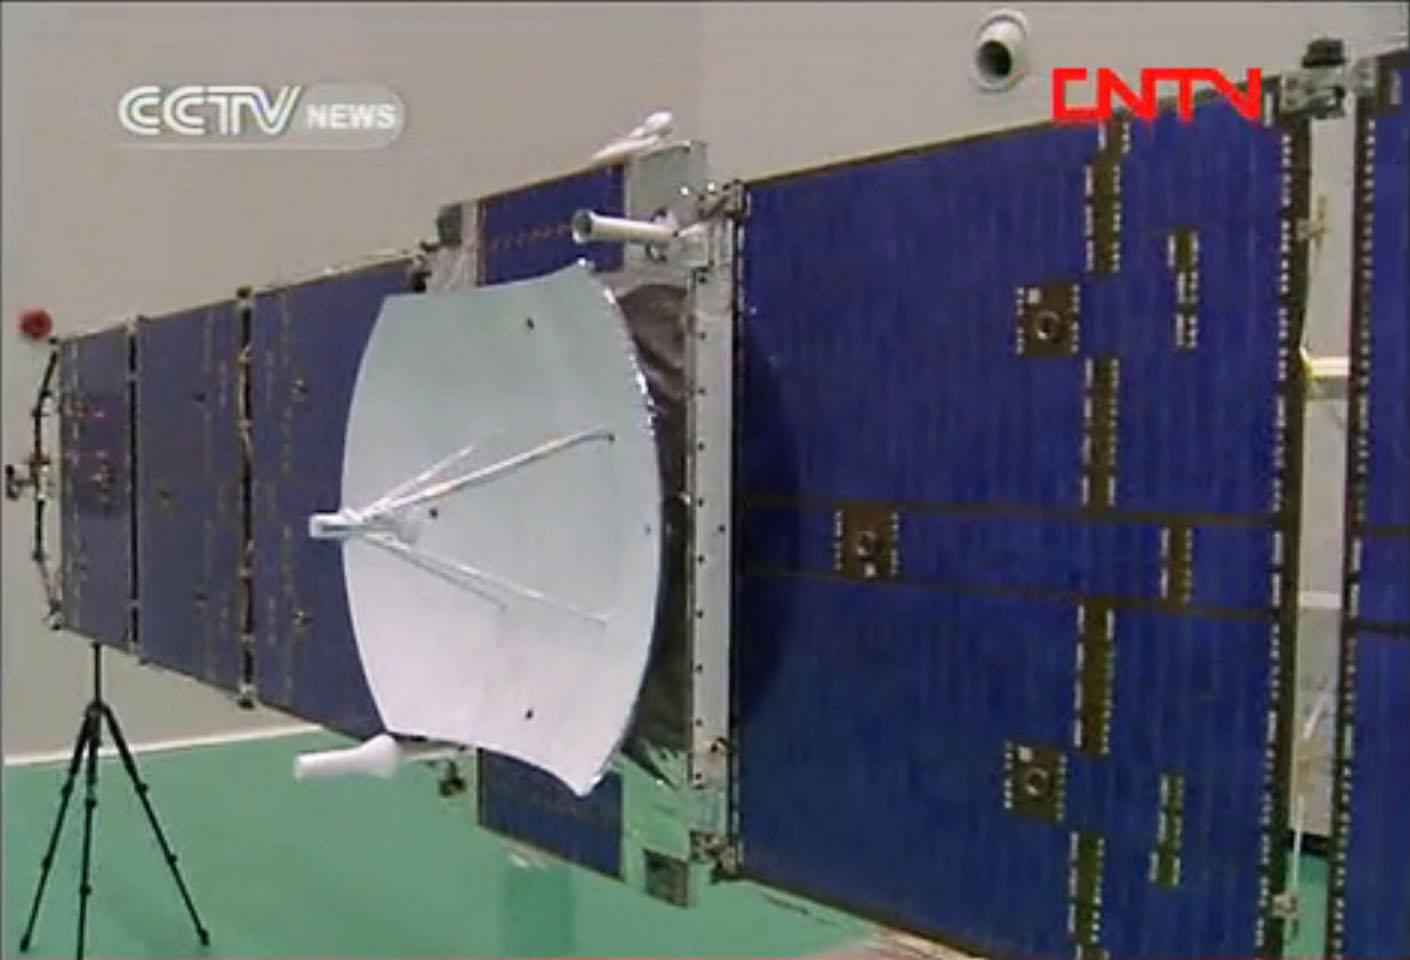 Fig.1 - La sonde Yinghuo-1 en cours d'assemblage en 2011 (doc. CCTV News/CNTV)